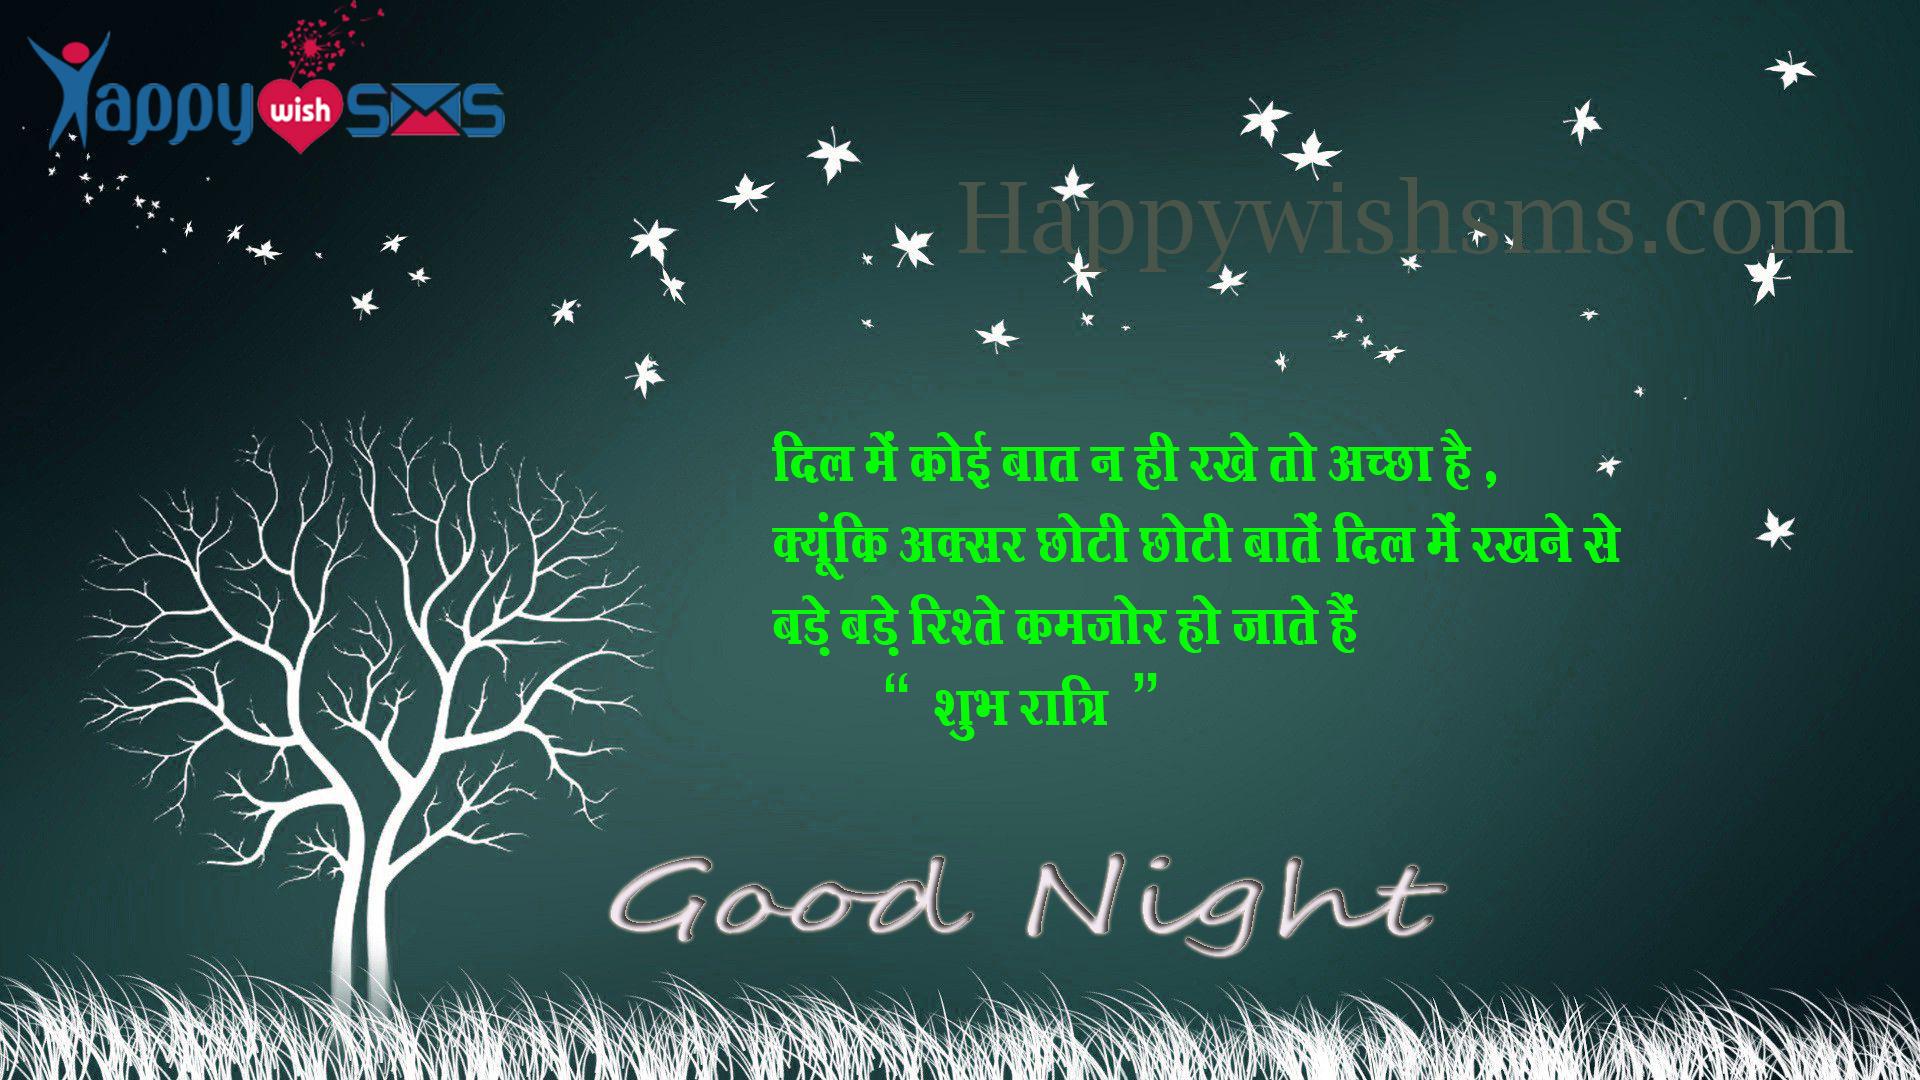 Good Night Wish :  दिल में कोई बात न ही रखे तो अच्छा है ,